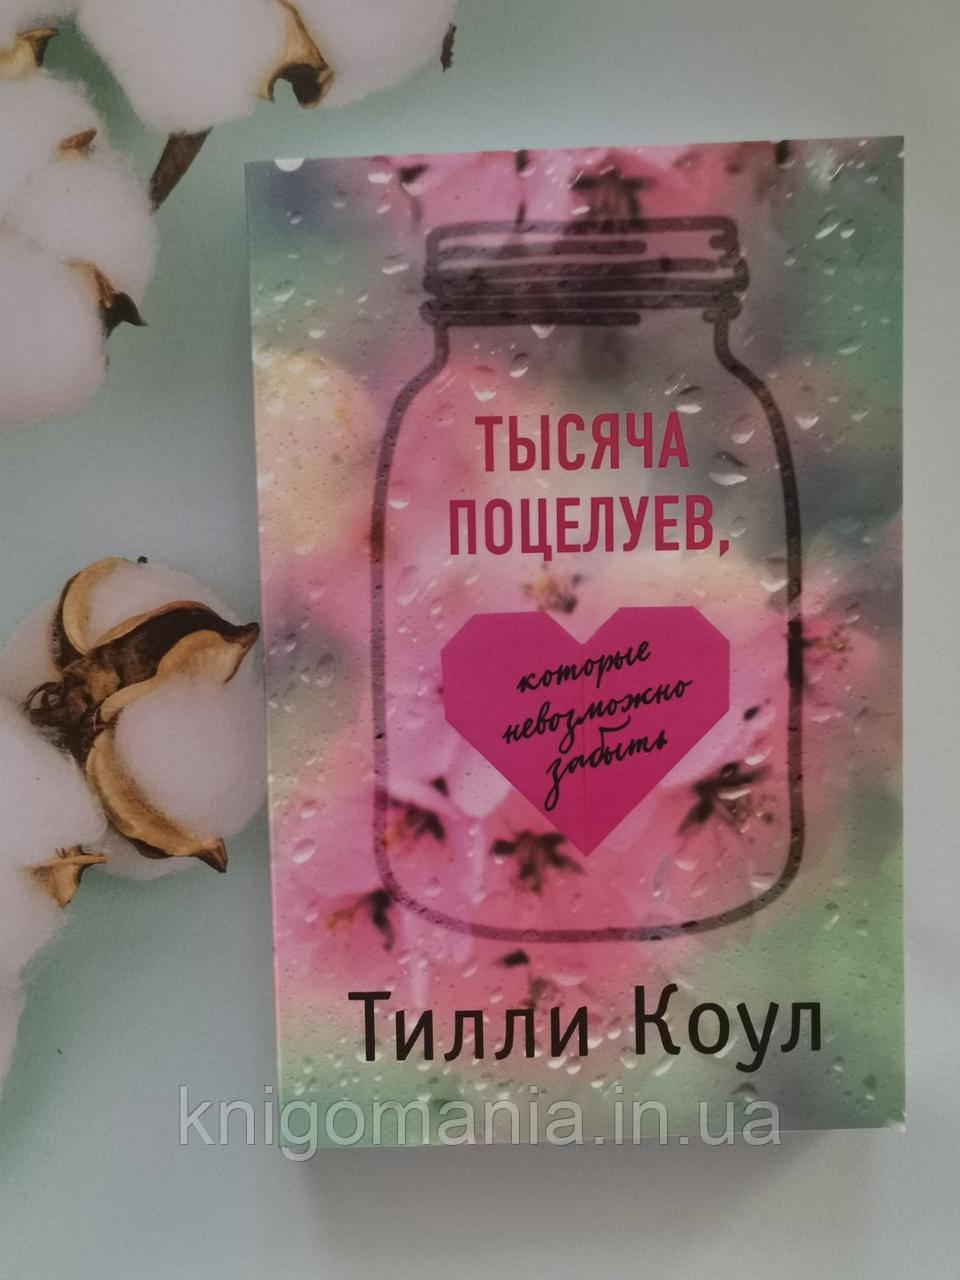 """Книга """"Тысяча поцелуев, которые невозможно забыть"""" Тилли Коул"""